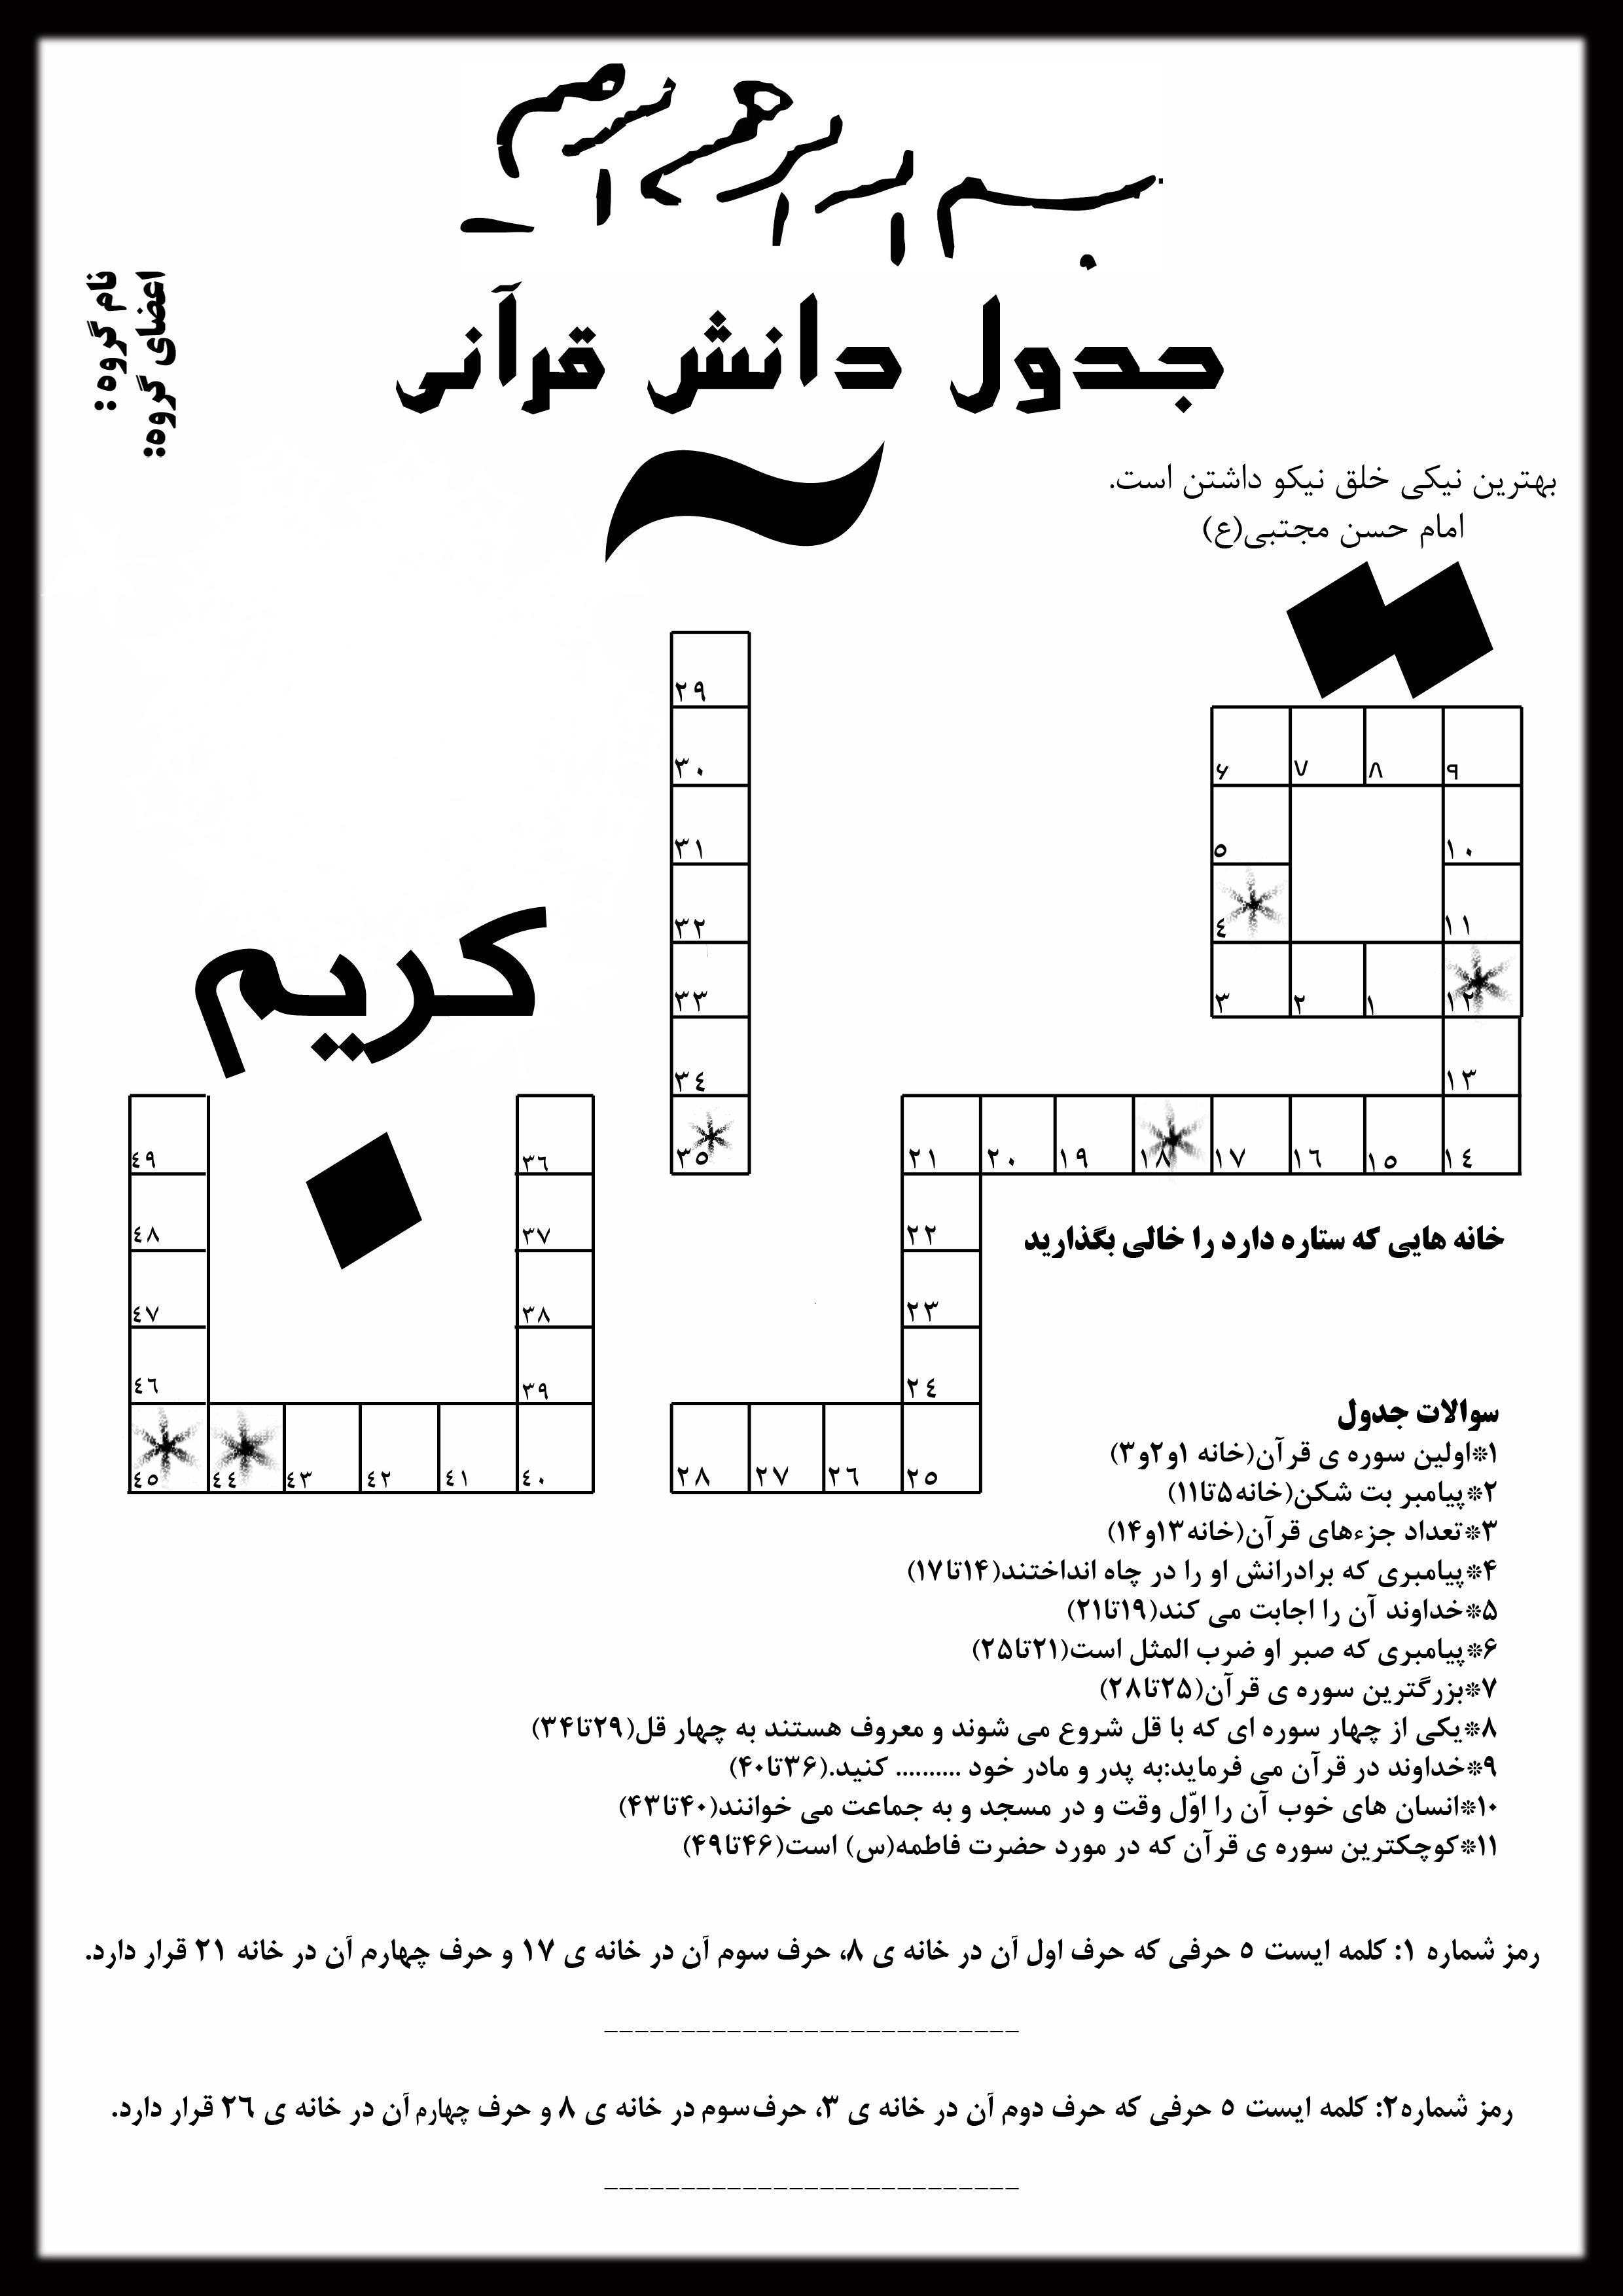 دانلود جدول قرآنی